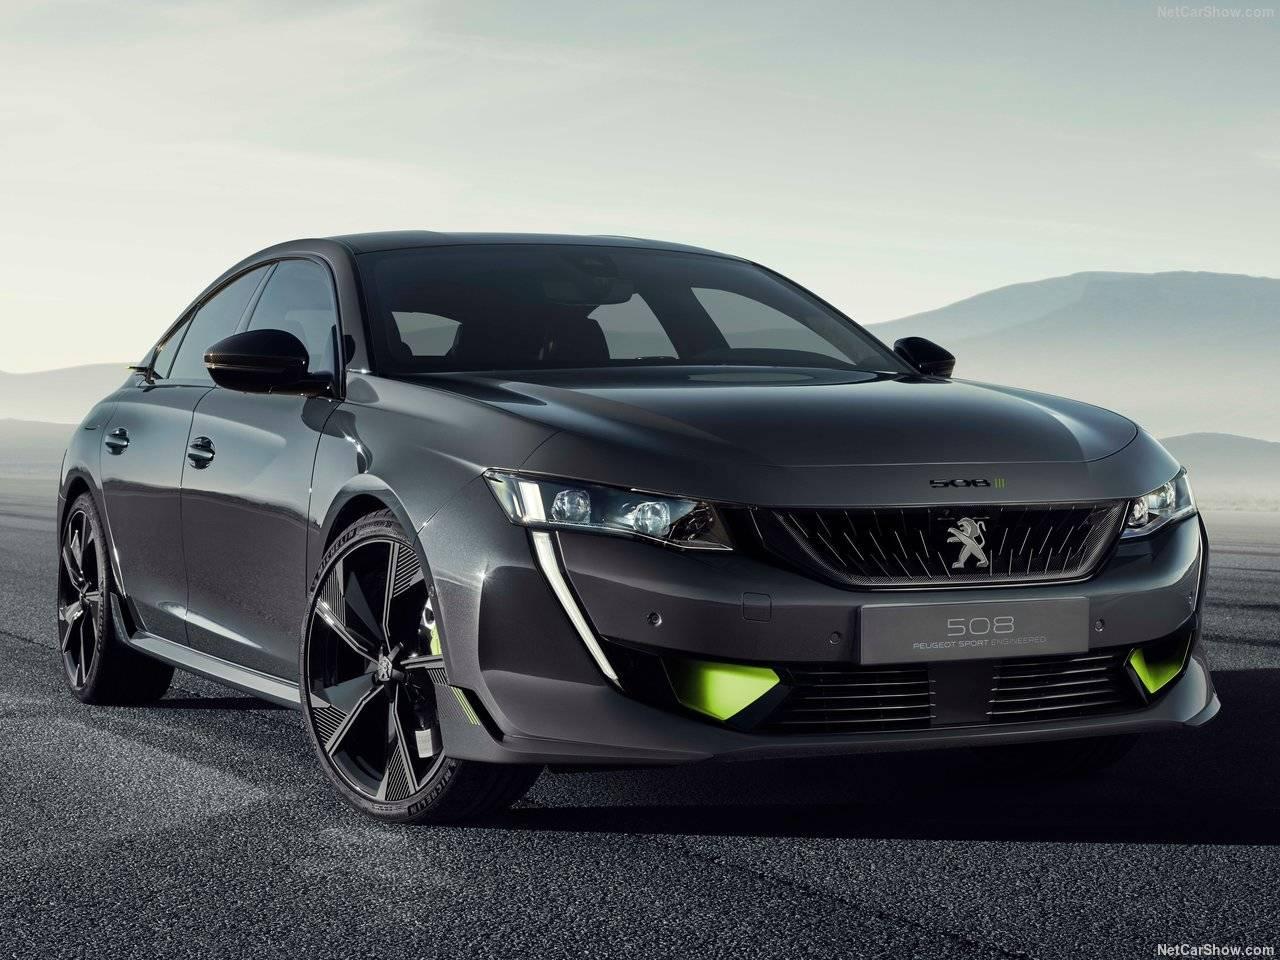 プジョーが、508 Sport Engineered Conceptを公開予定